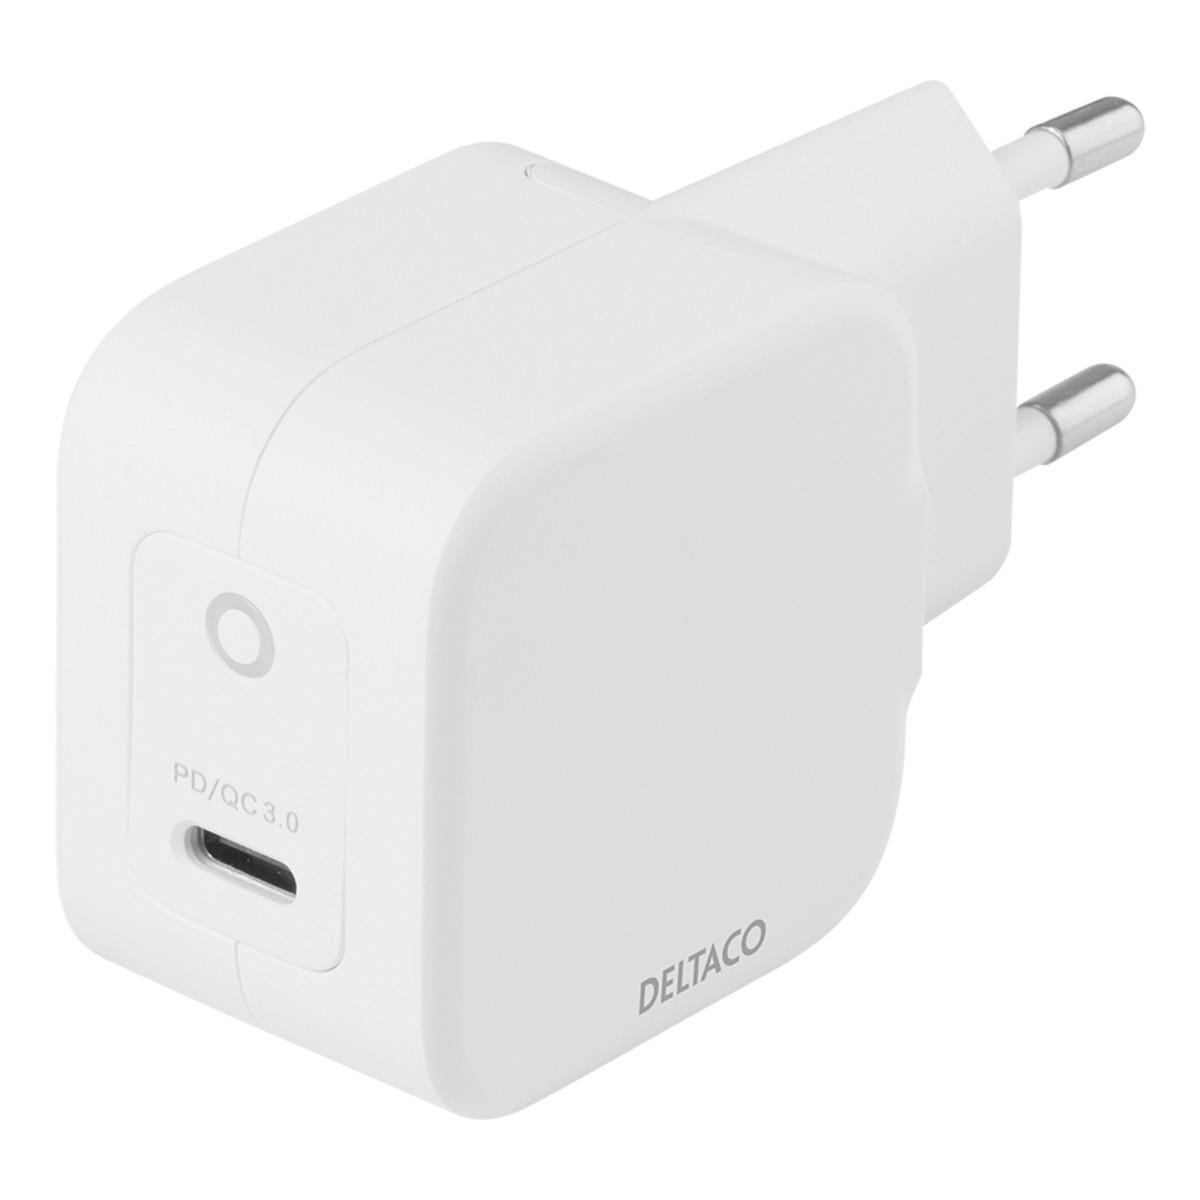 Deltaco USB-C väggladdare med PD och GaN-teknologi, 30W, vit